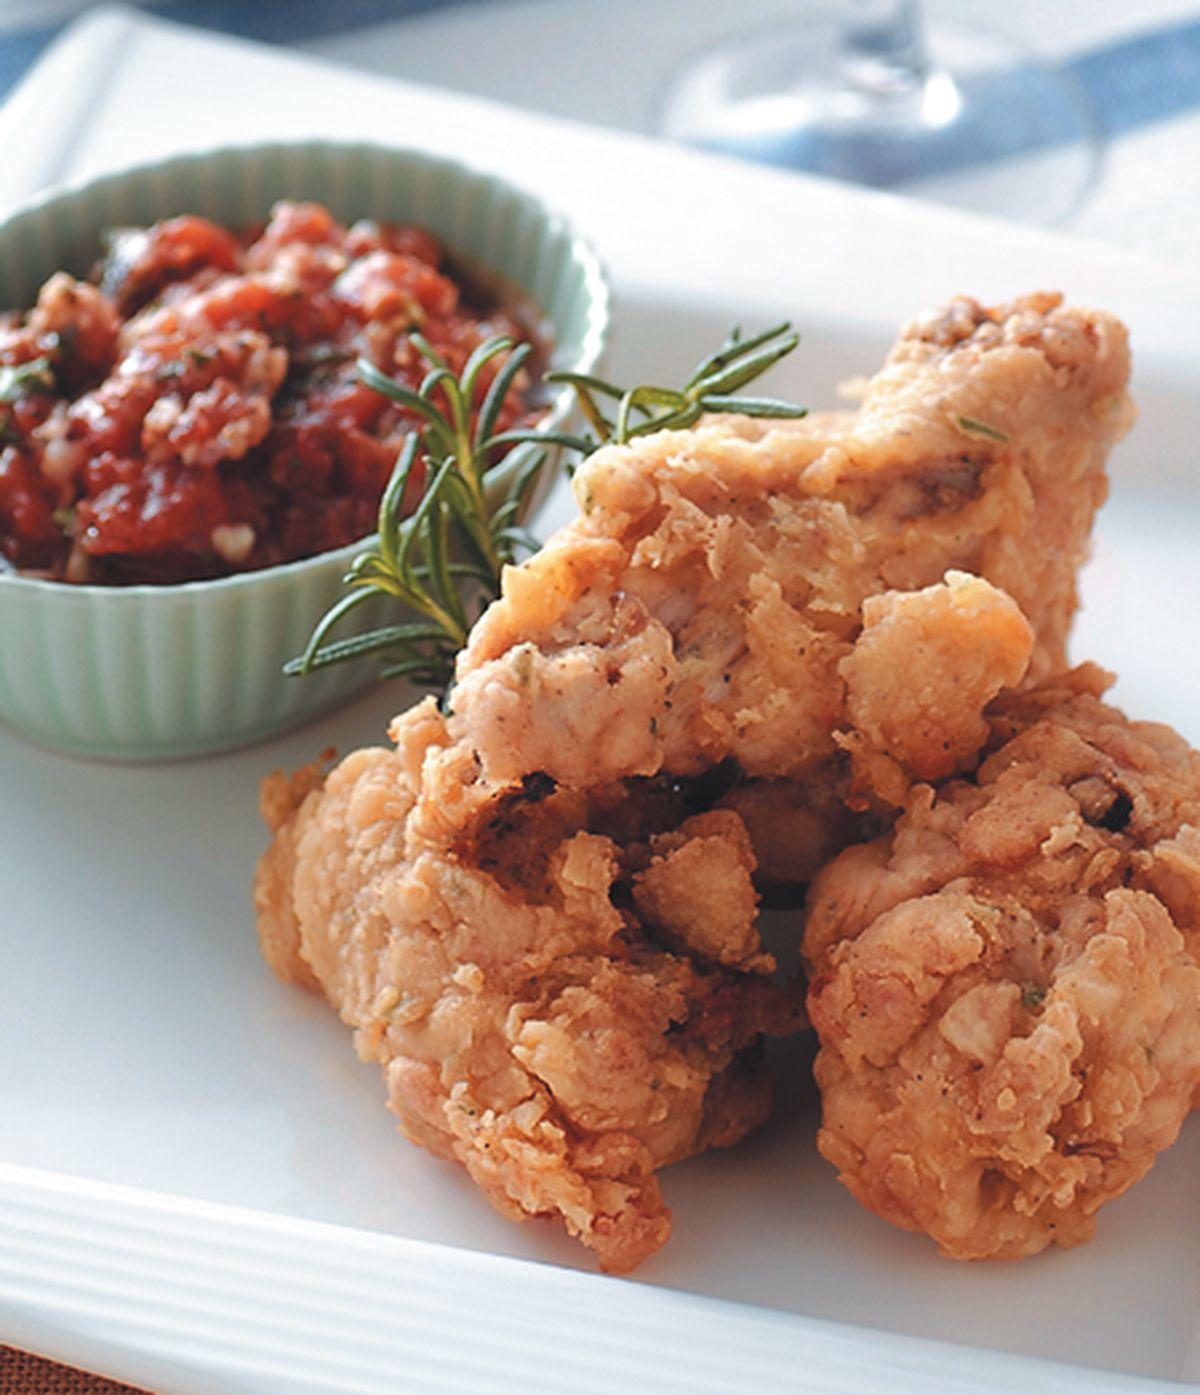 食譜:蕃茄沙沙炸雞